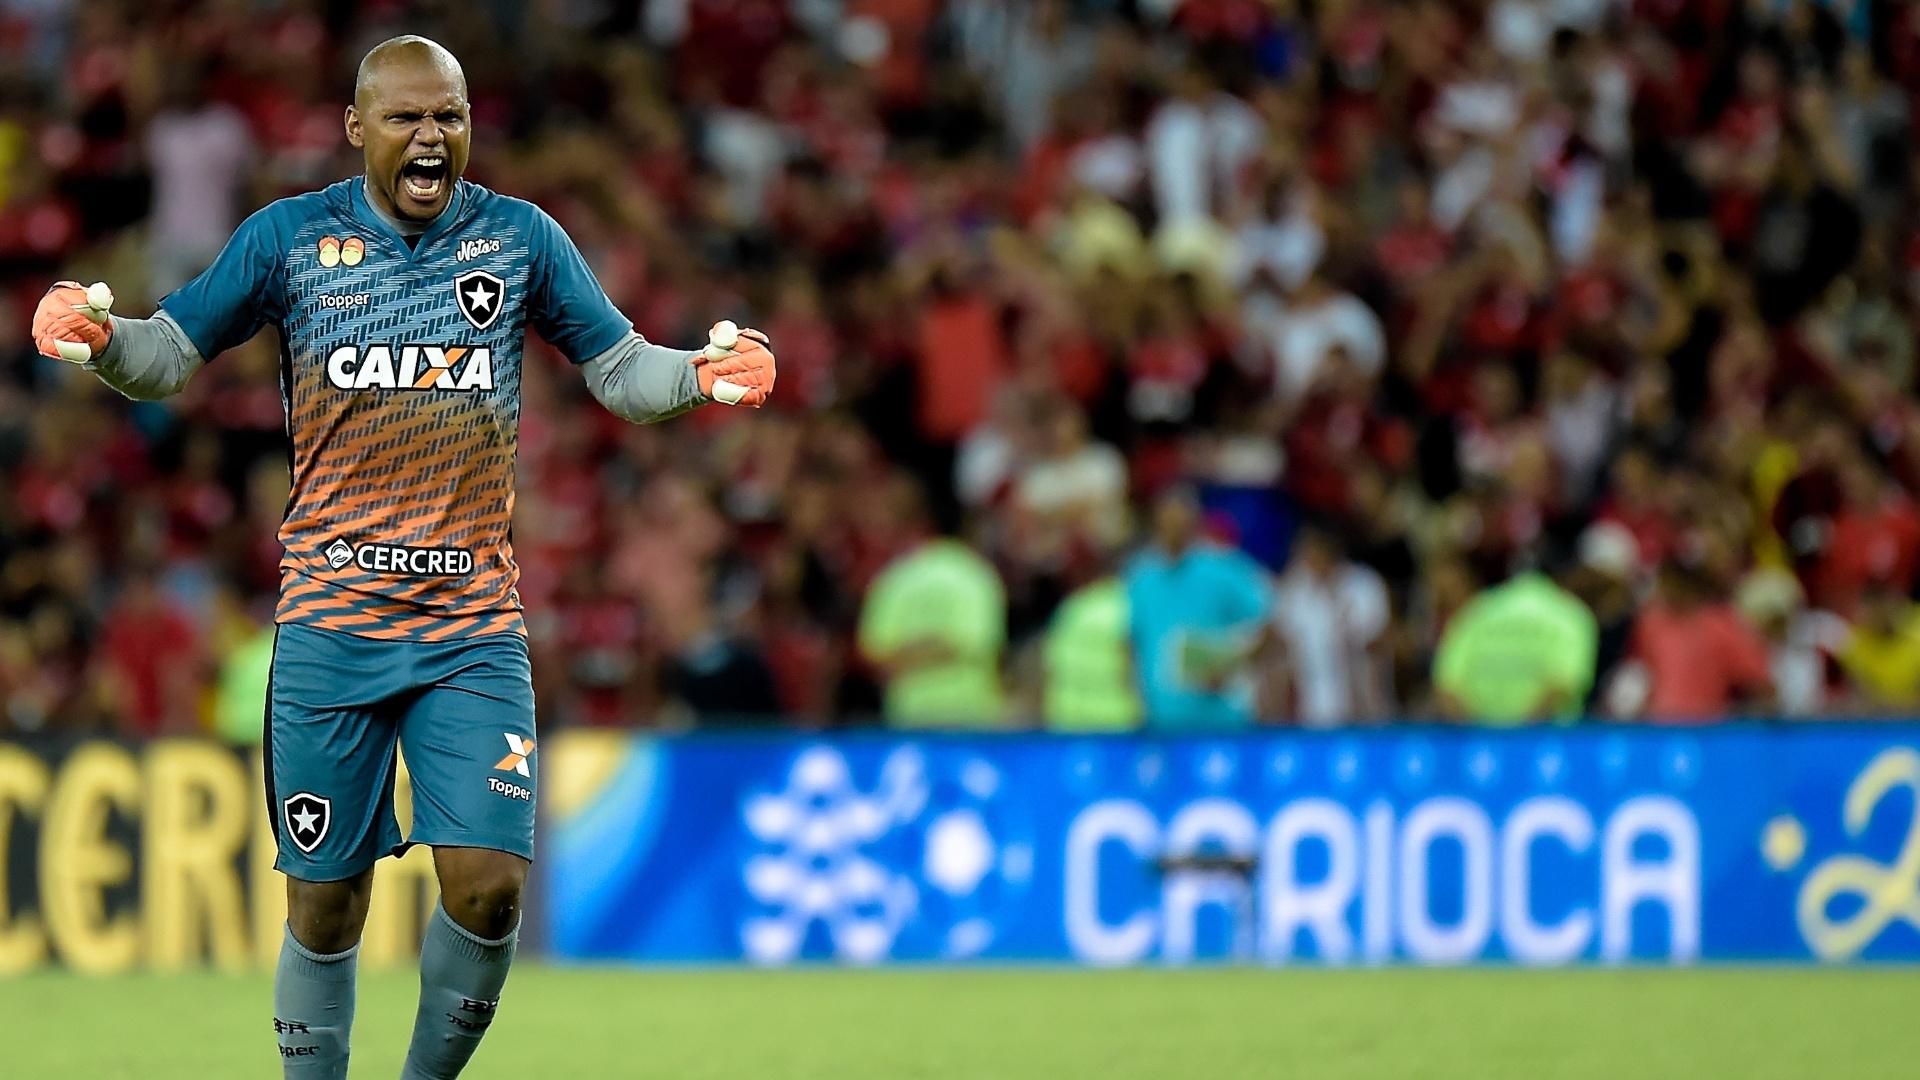 O goleiro Jefferson comemora gol do Botafogo diante do Flamengo na semifinal da Taça Rio